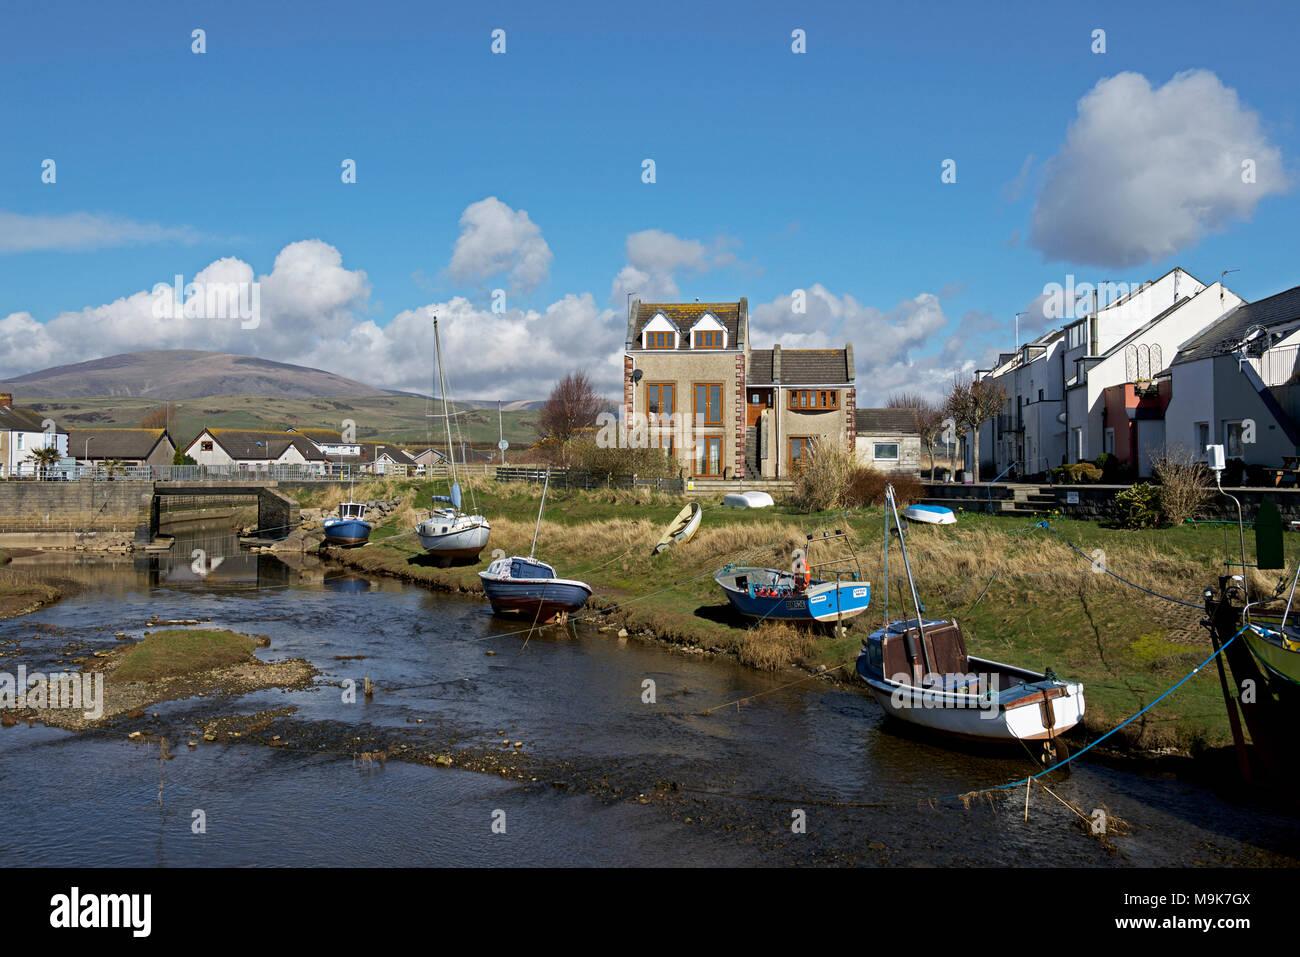 Haverigg et paresseux de la rivière West Cumbria, Angleterre, Royaume-Uni Photo Stock